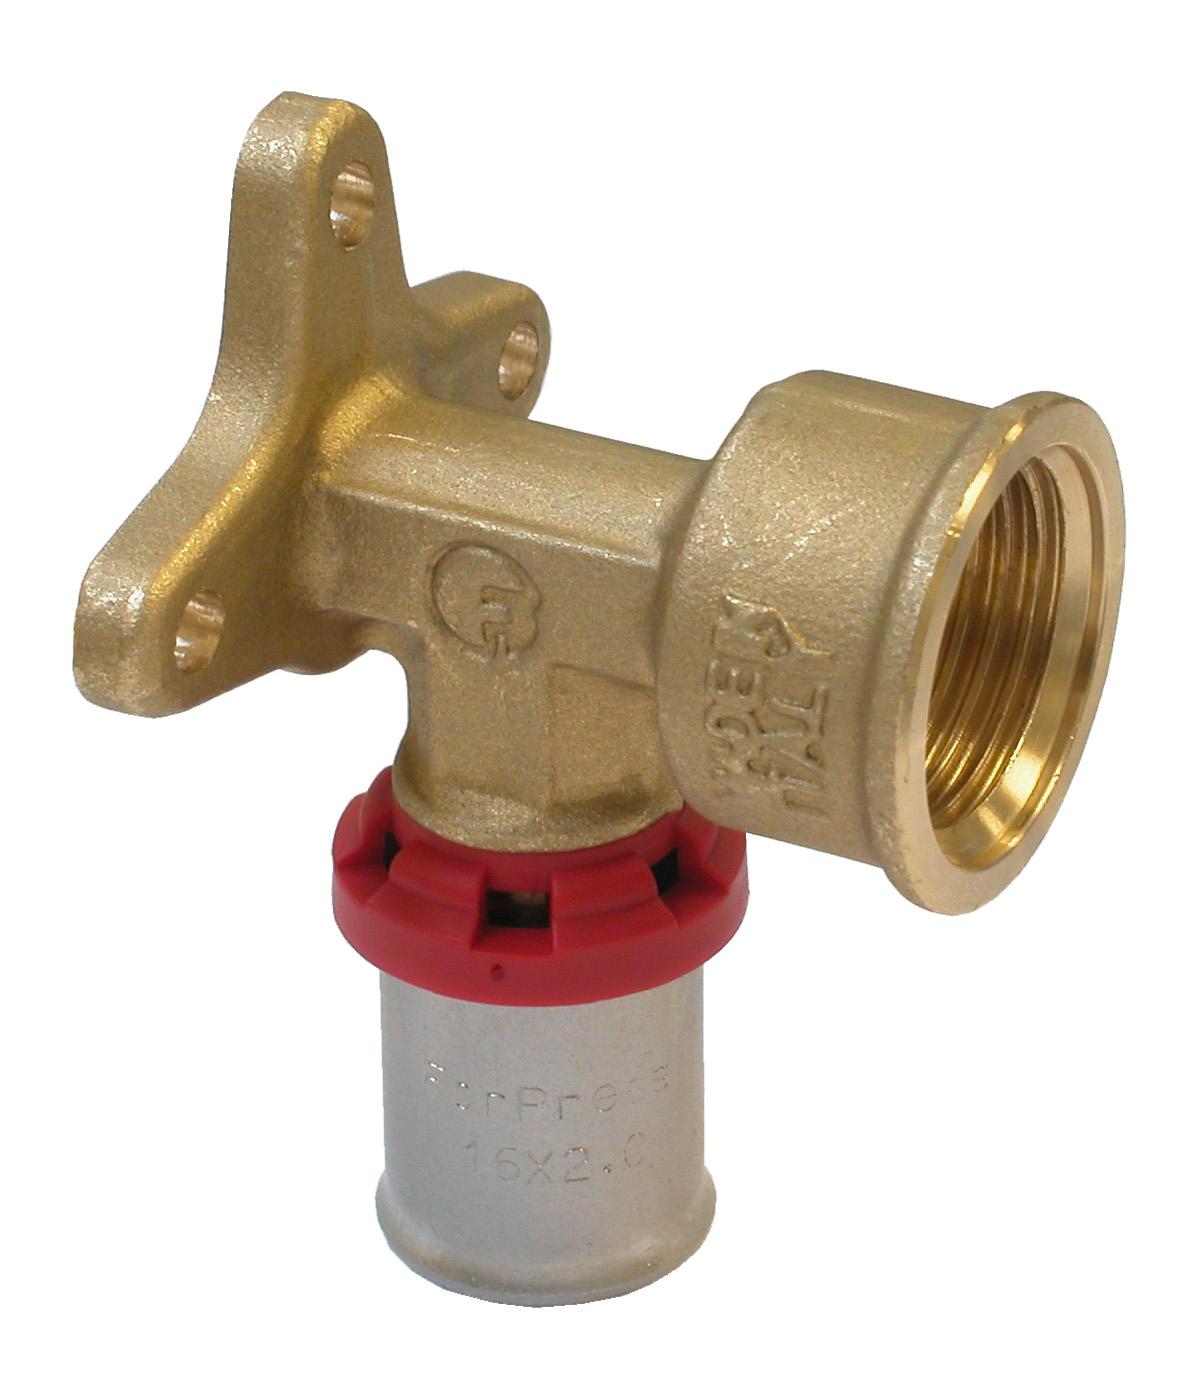 Уголок FornaraУголки для труб<br>Материал фитинга: латунь, Тип трубного соединения: резьба, Присоединительный размер: 1/2  <br>